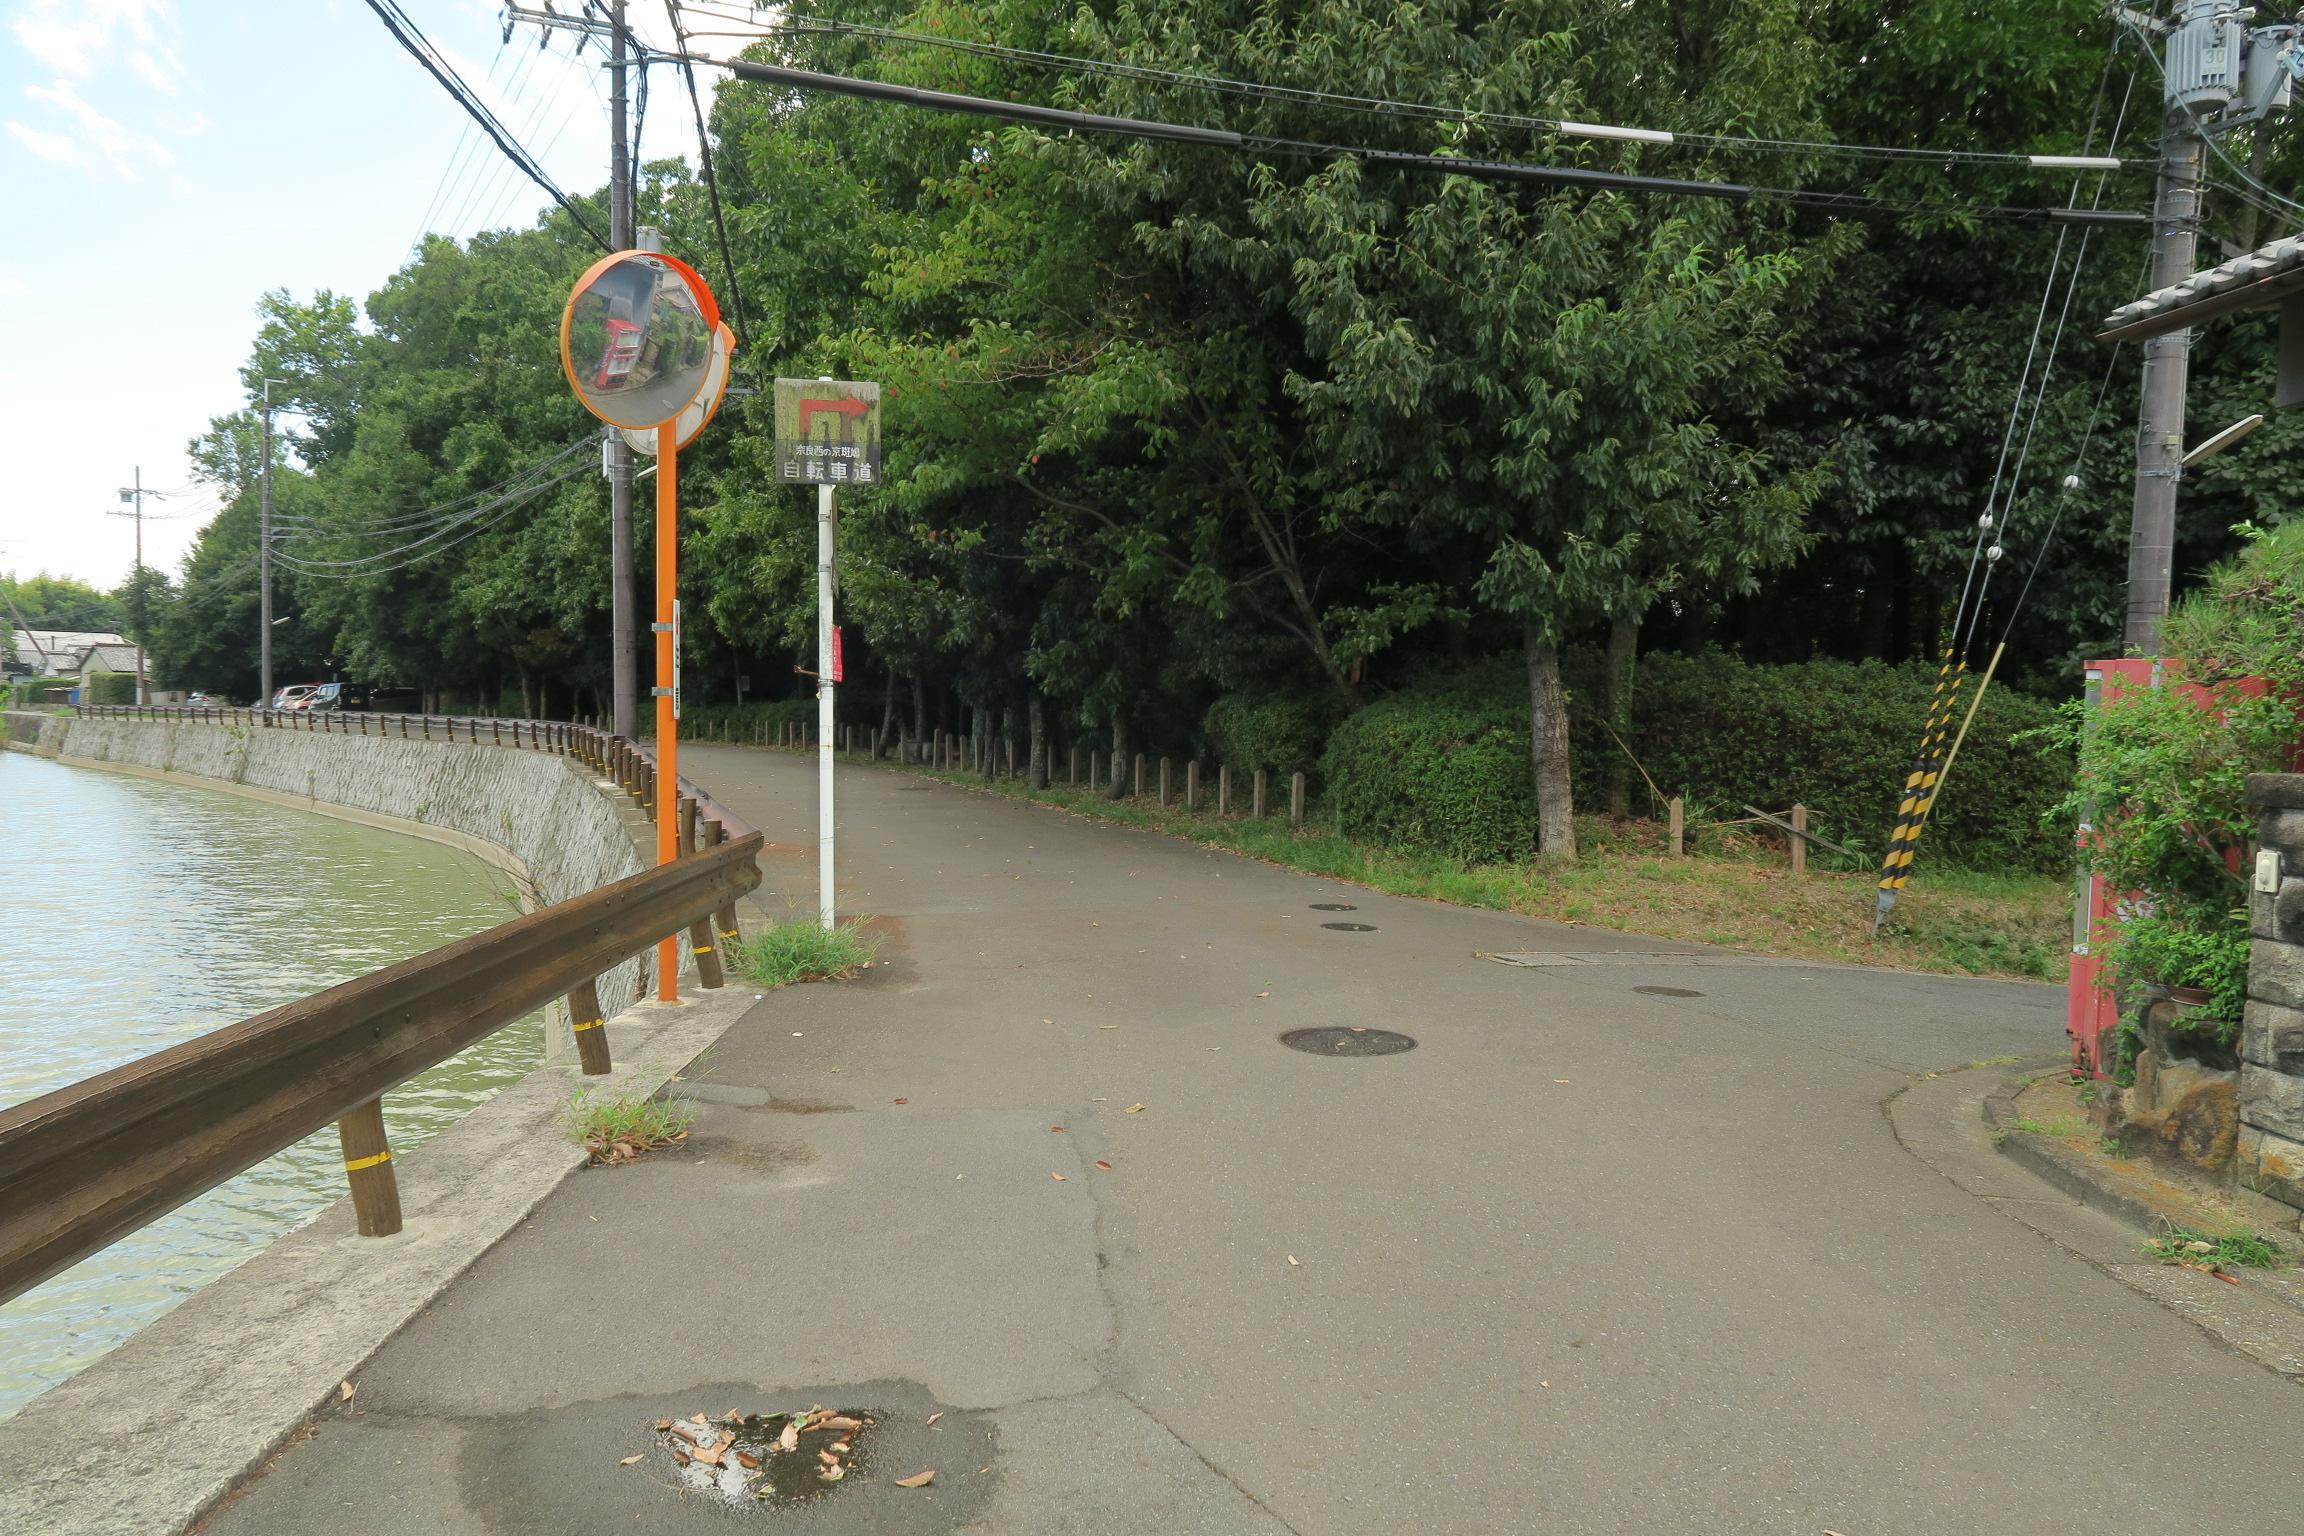 コナベ古墳を左手に歩いていくと、右に曲がる道があります。